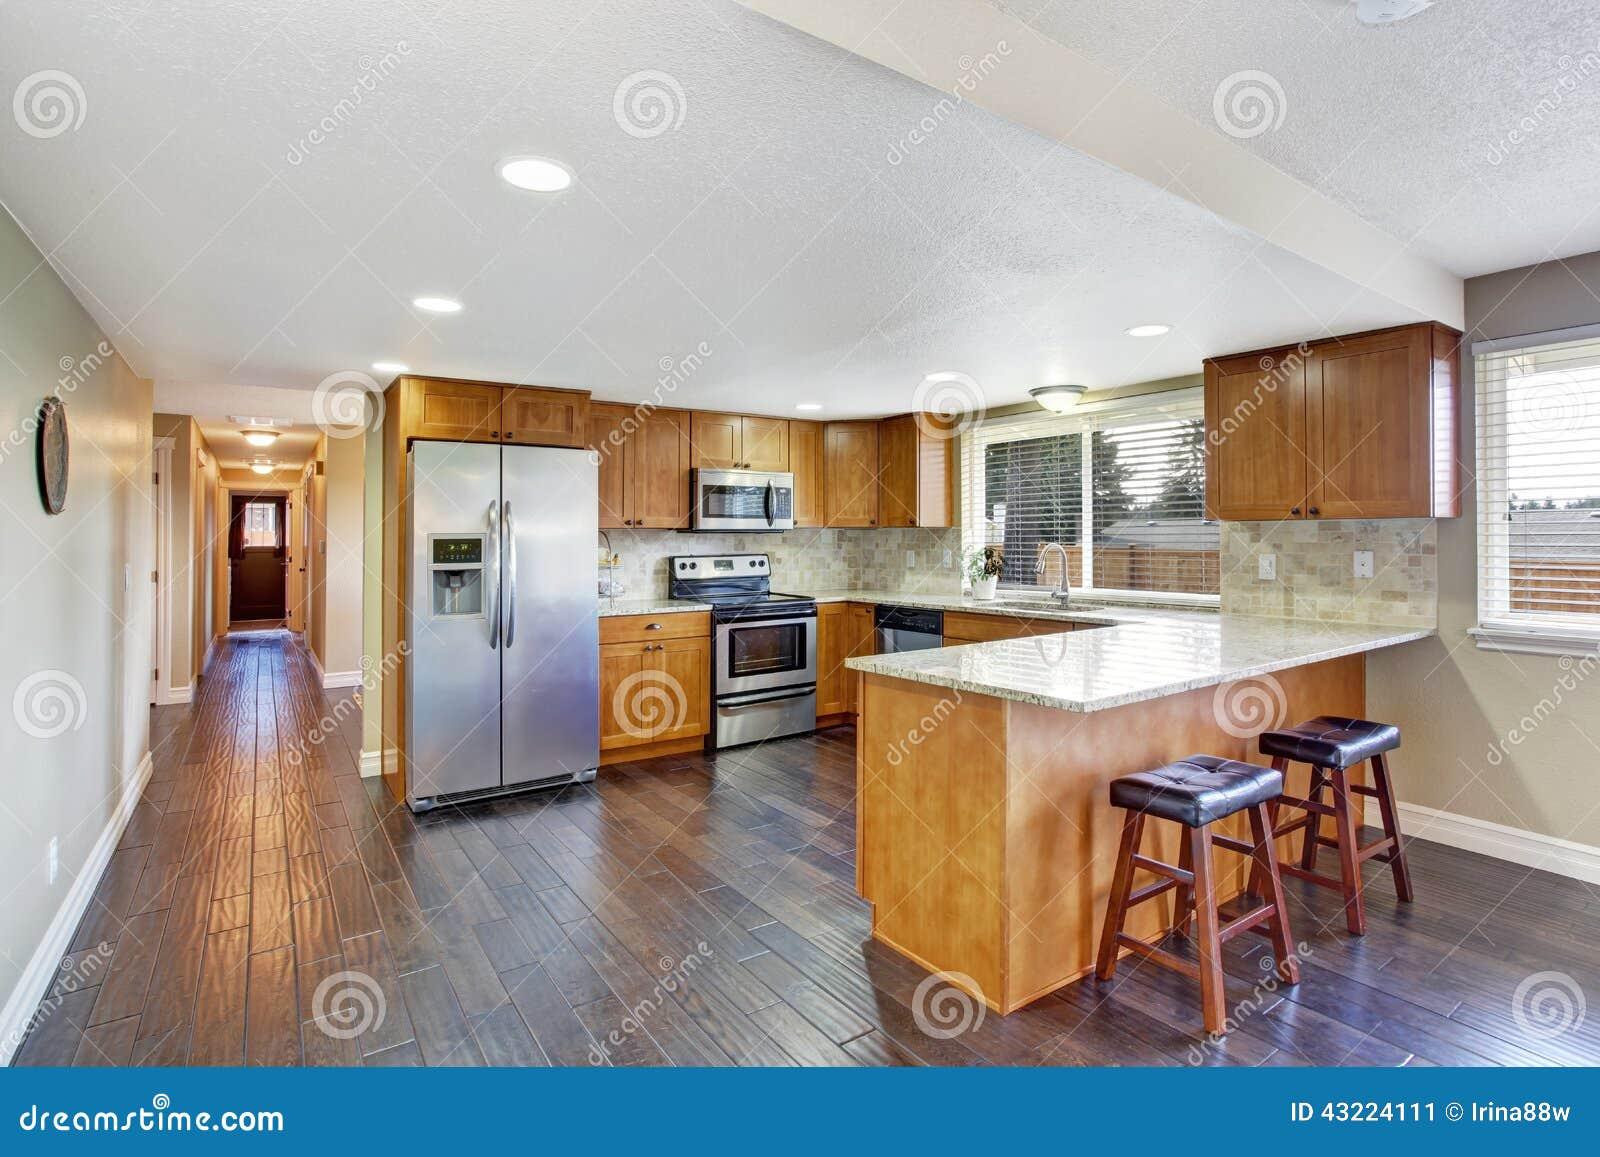 Corridoio Lungo Casa : Interiore della camera stanza della cucina e corridoio lungo